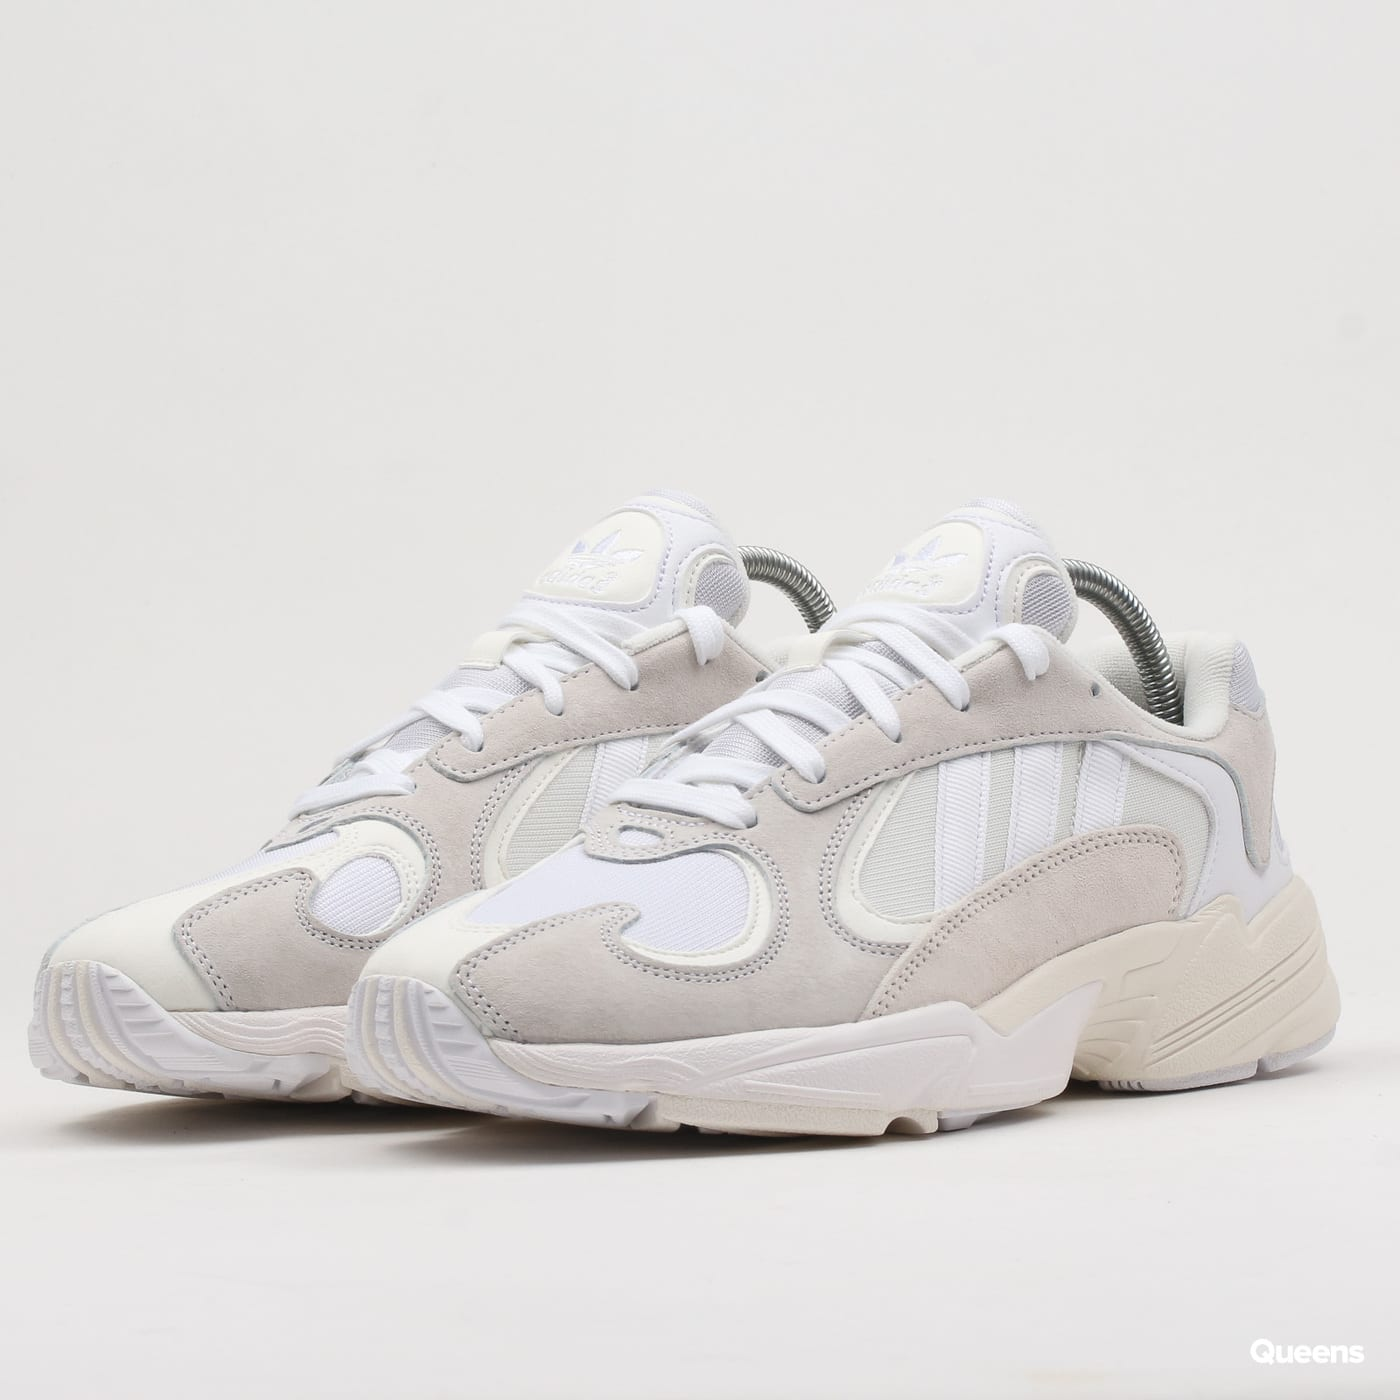 Boty adidas Originals Yung-1 (B37616) – Queens 💚 60840f753a